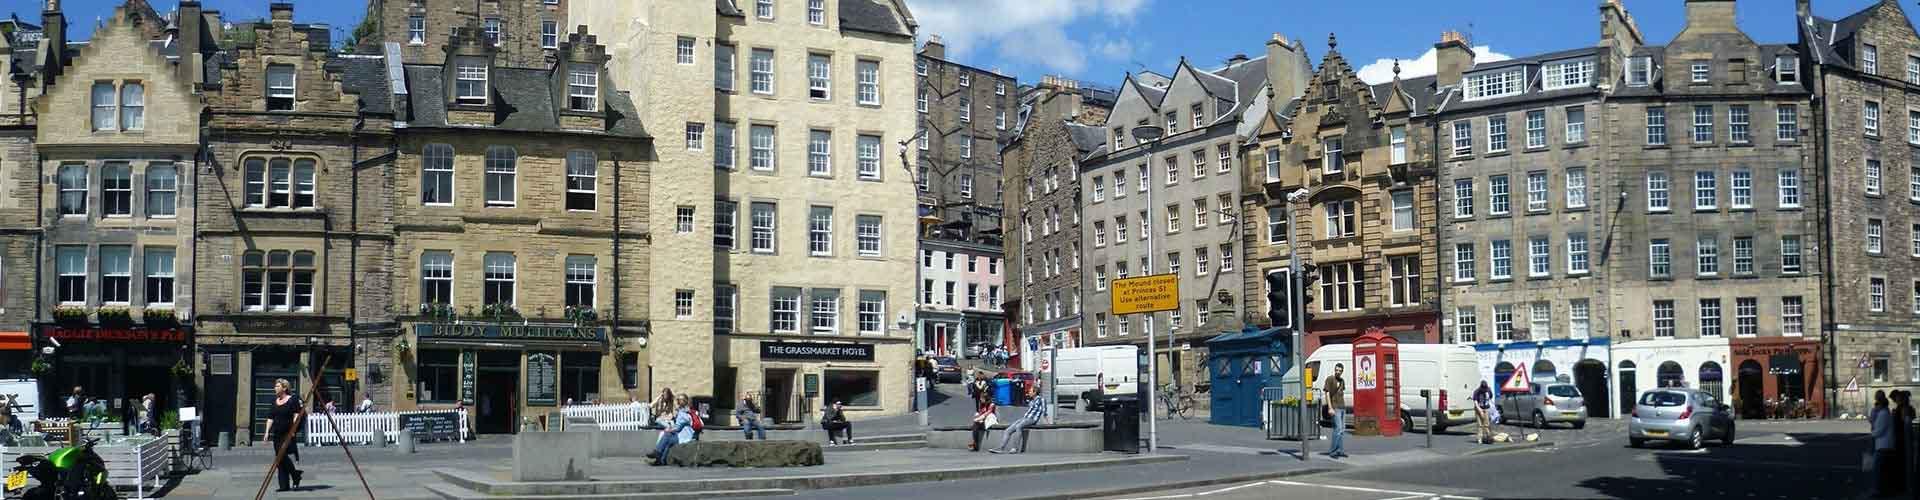 Edinburgh – Retkeily kaupungiosassa Grassmarket. Edinburgh -karttoja, valokuvia ja arvosteluja kaikista Edinburgh -retkeilyalueista.